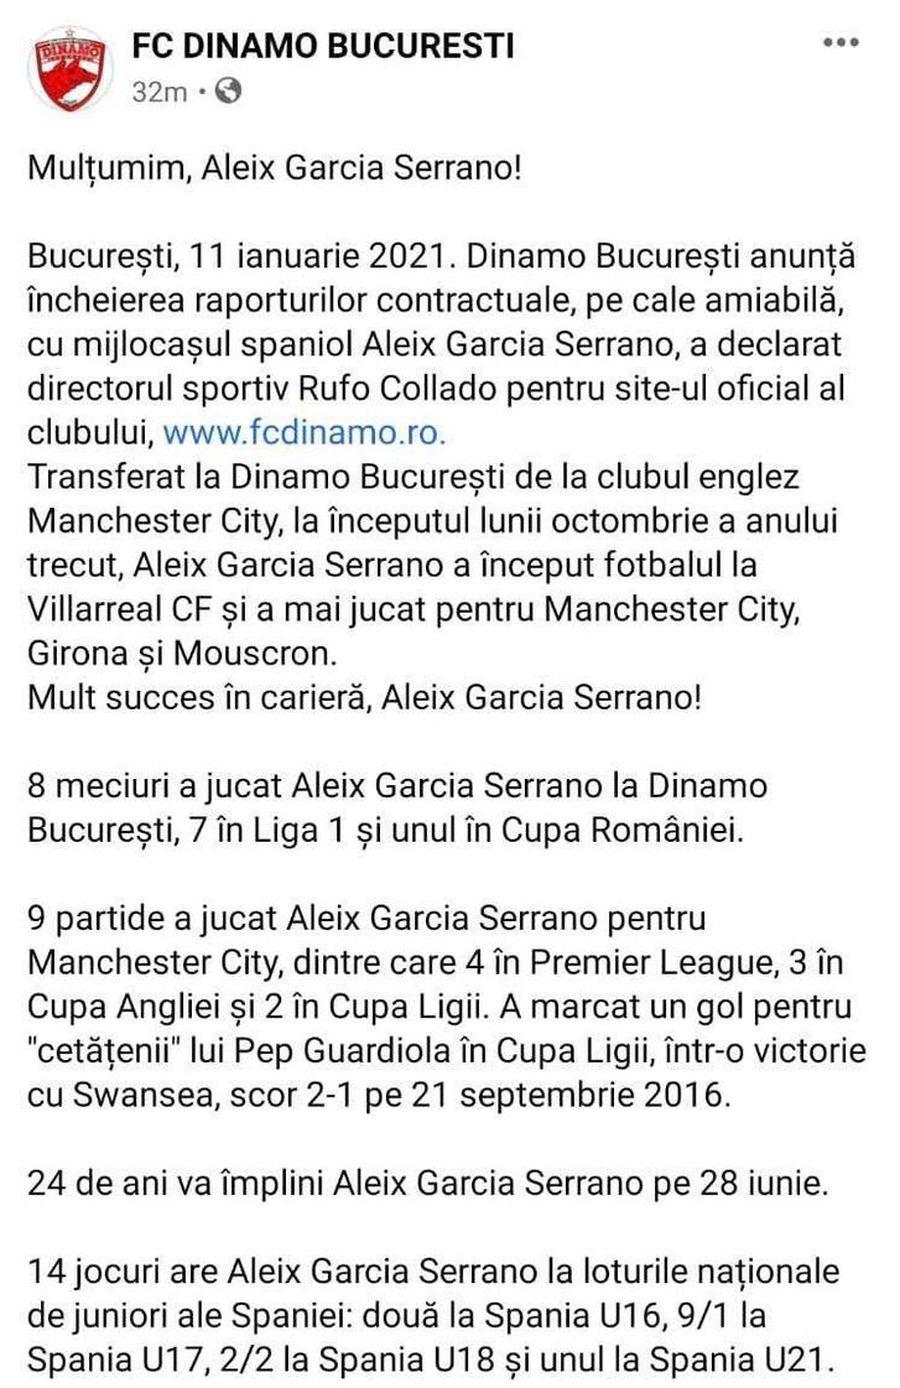 Captură facebook FC Dinamo București